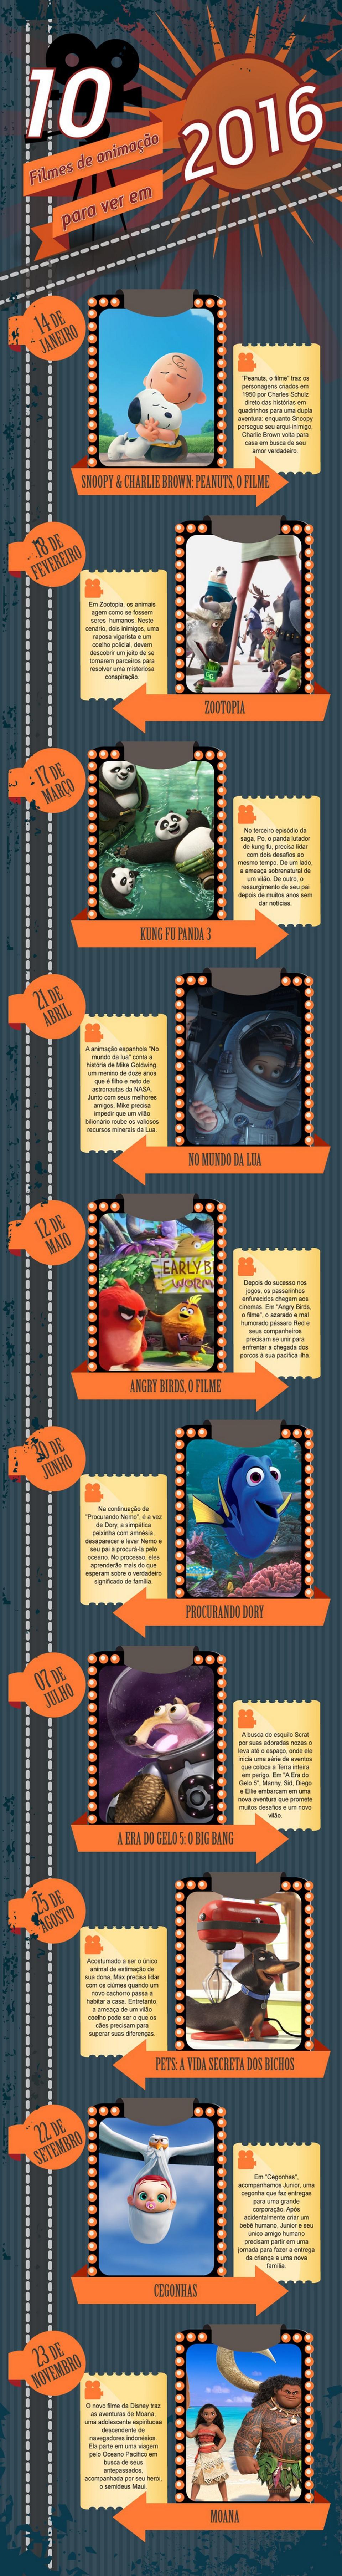 10 filmes de animação para ver em 2016 nos cinemas [infográfico]